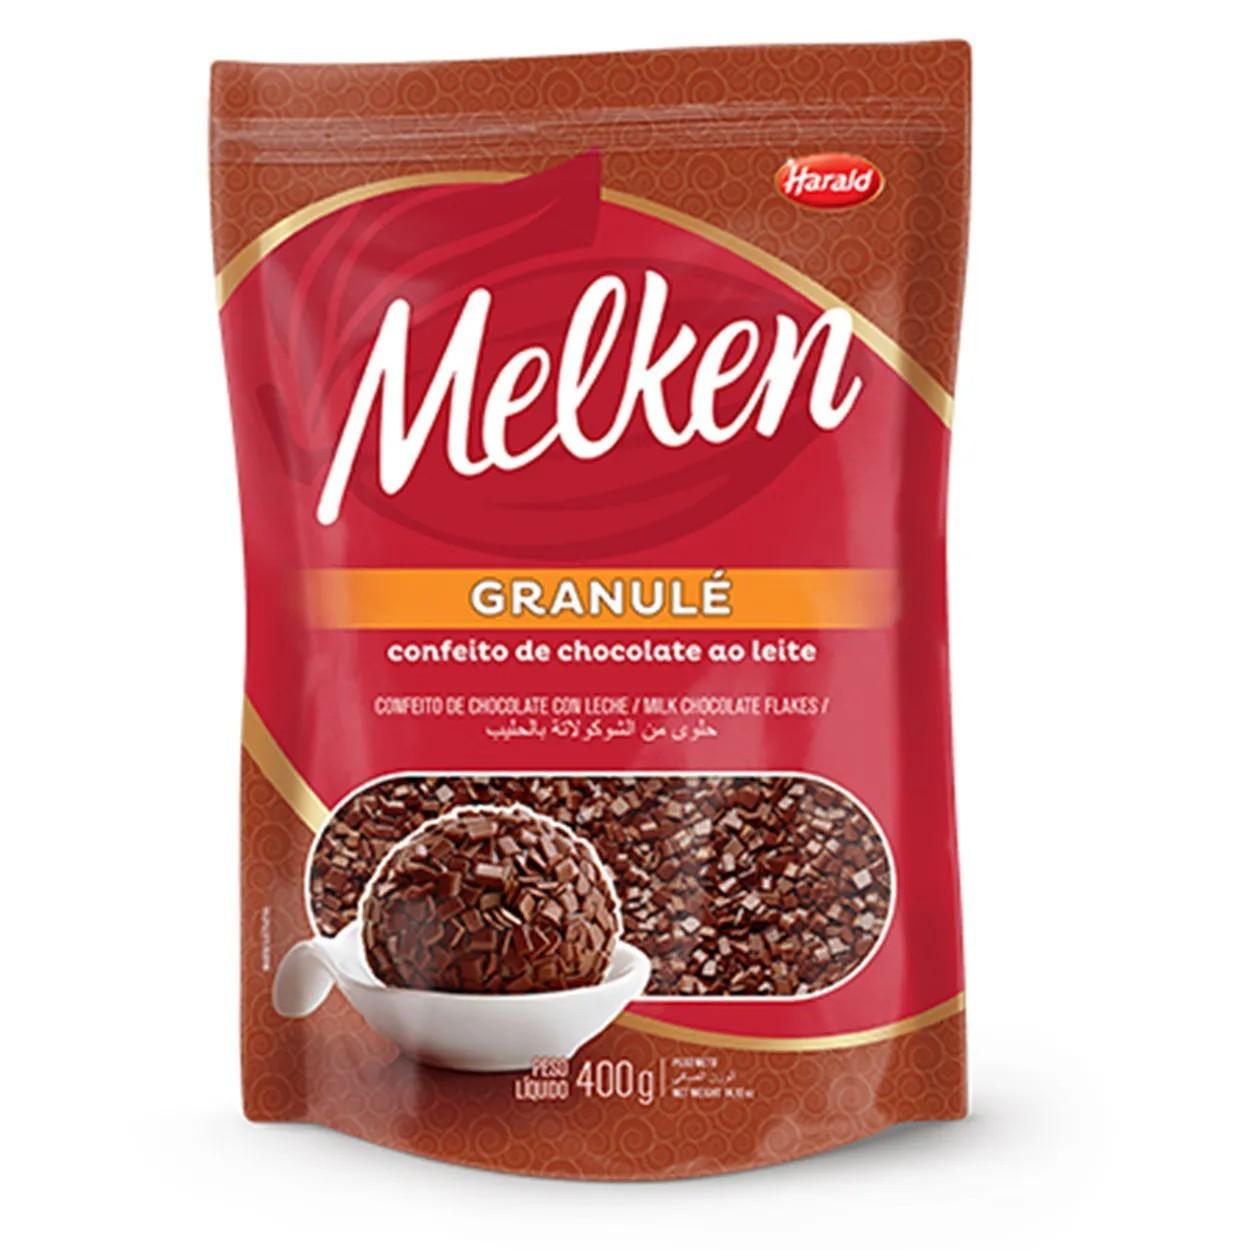 Granulado Granule Chocolate Ao Leite 400g - Melken Harald